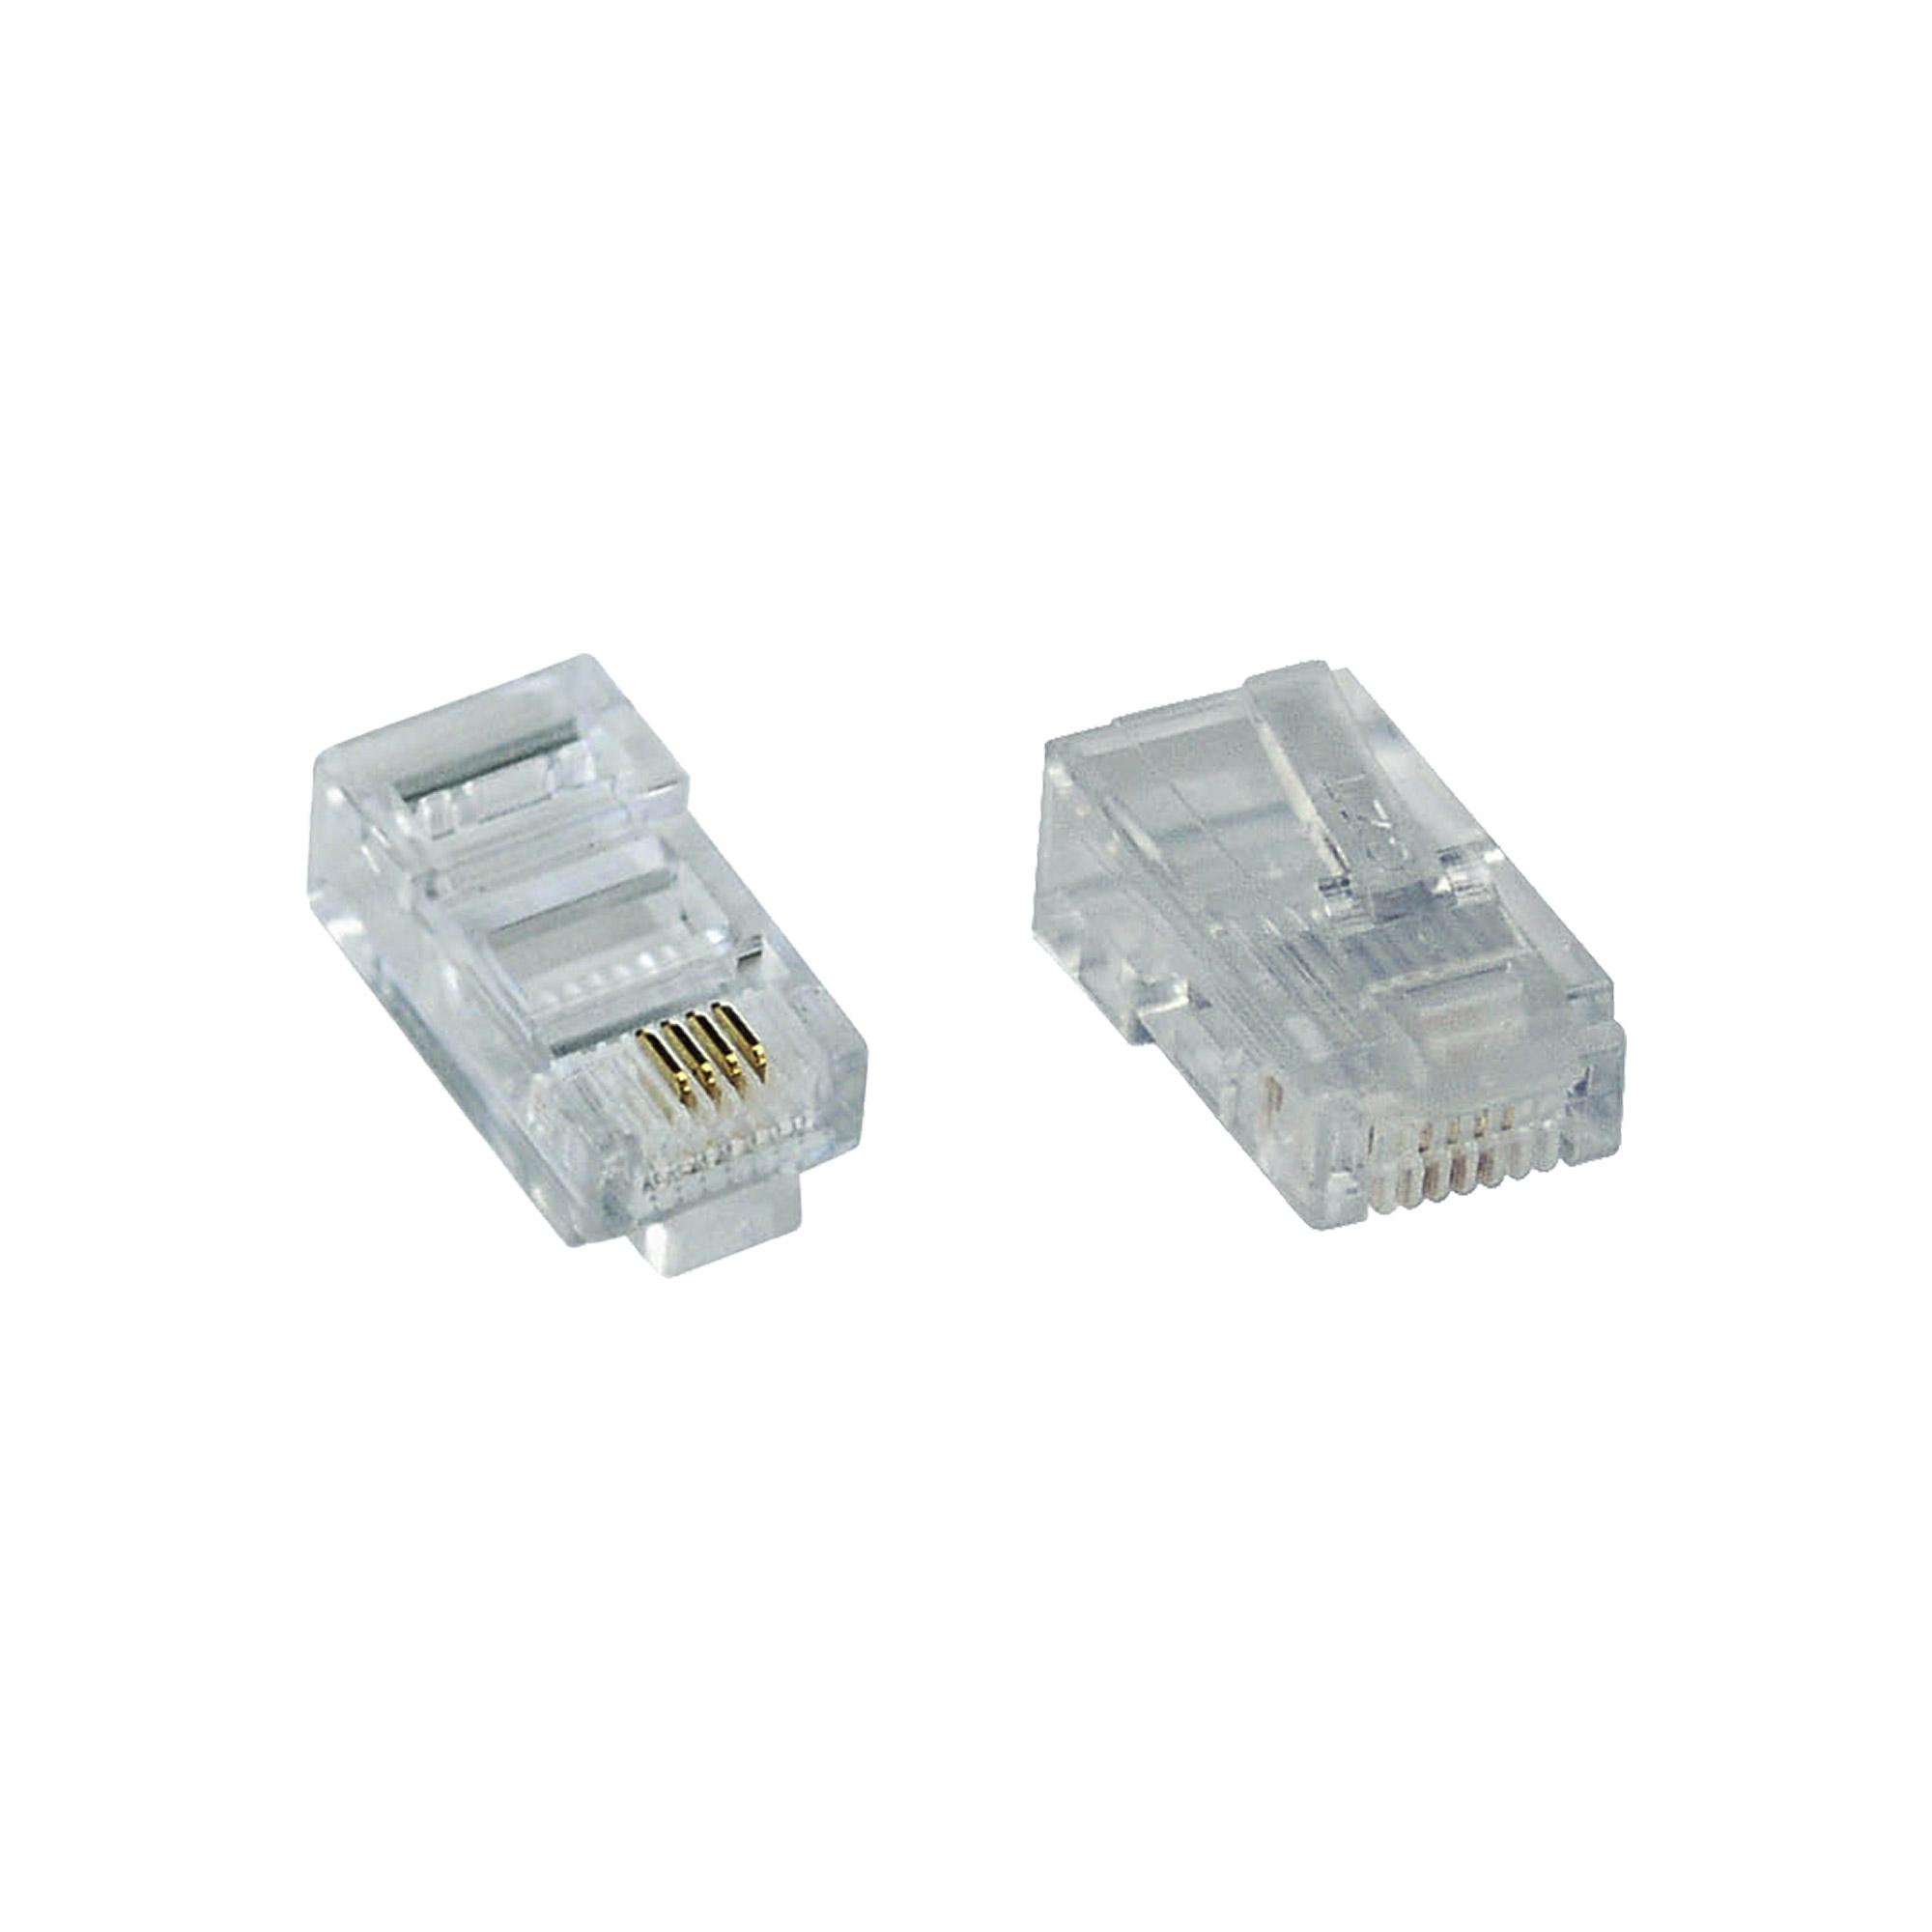 100er Pack InLine® Modularstecker 8P4C RJ45 zum Crimpen auf Flachkabel (ISDN)